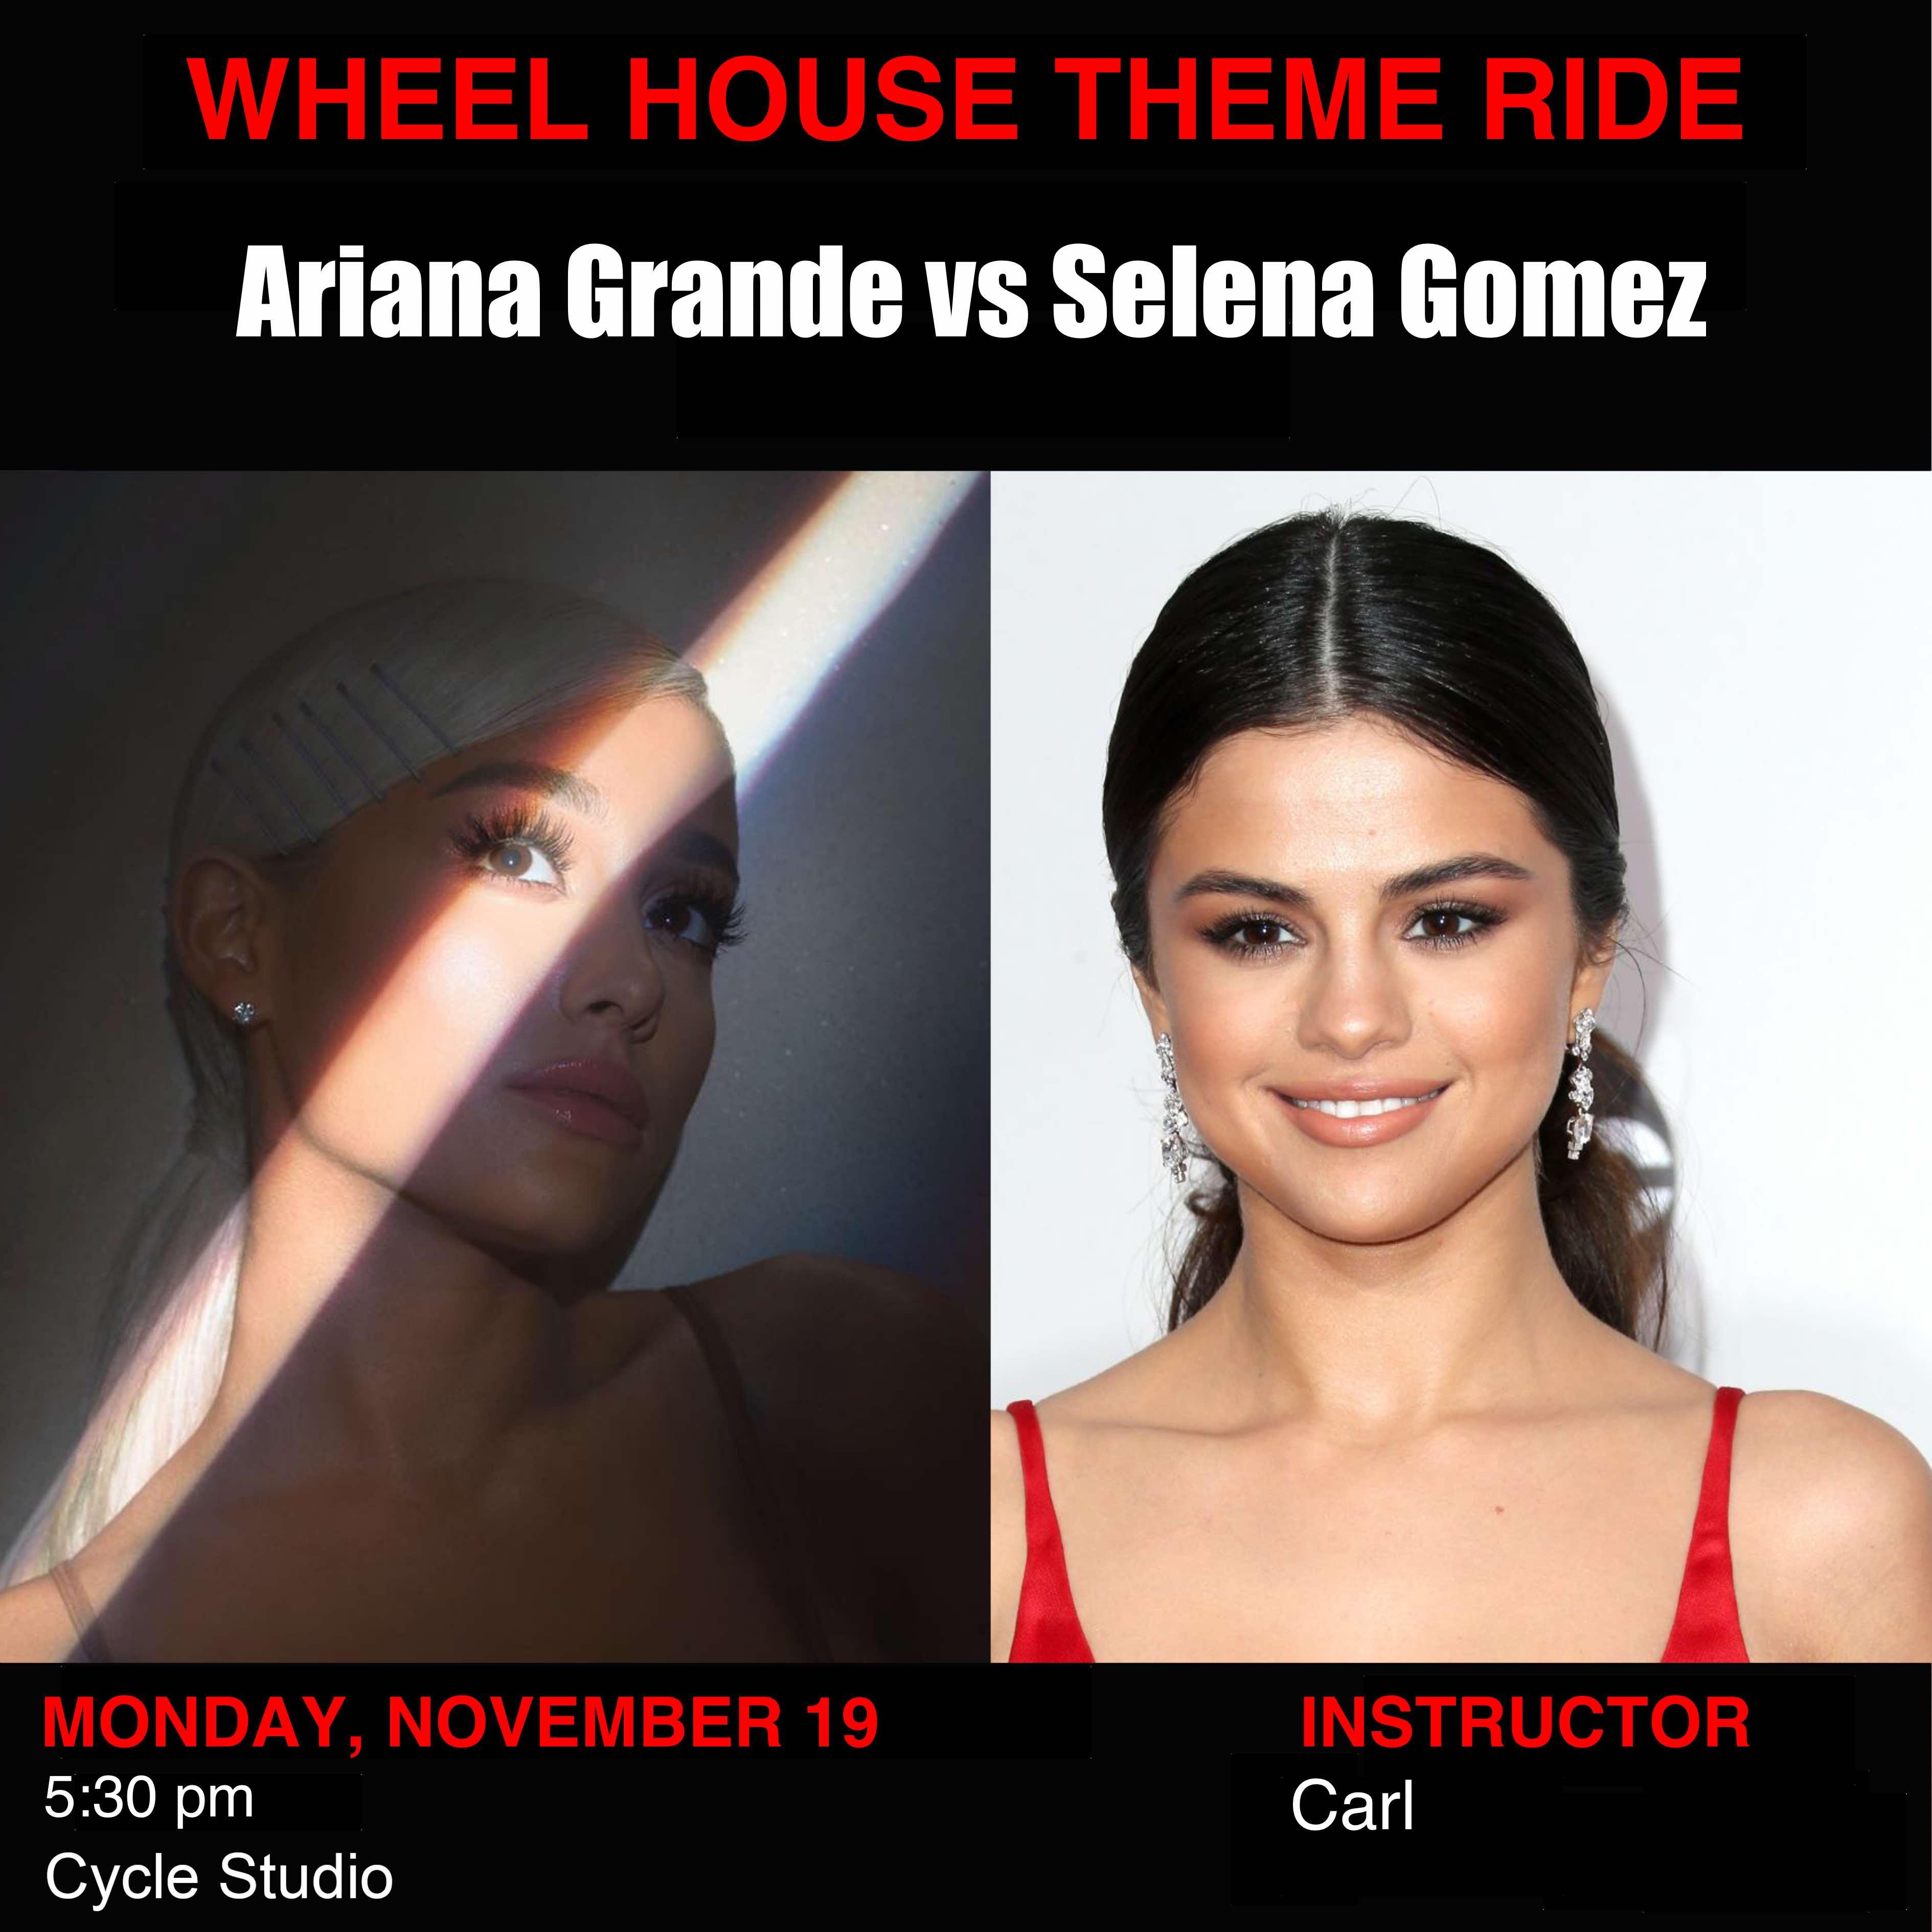 Ariana Grande vs Selena Gomez